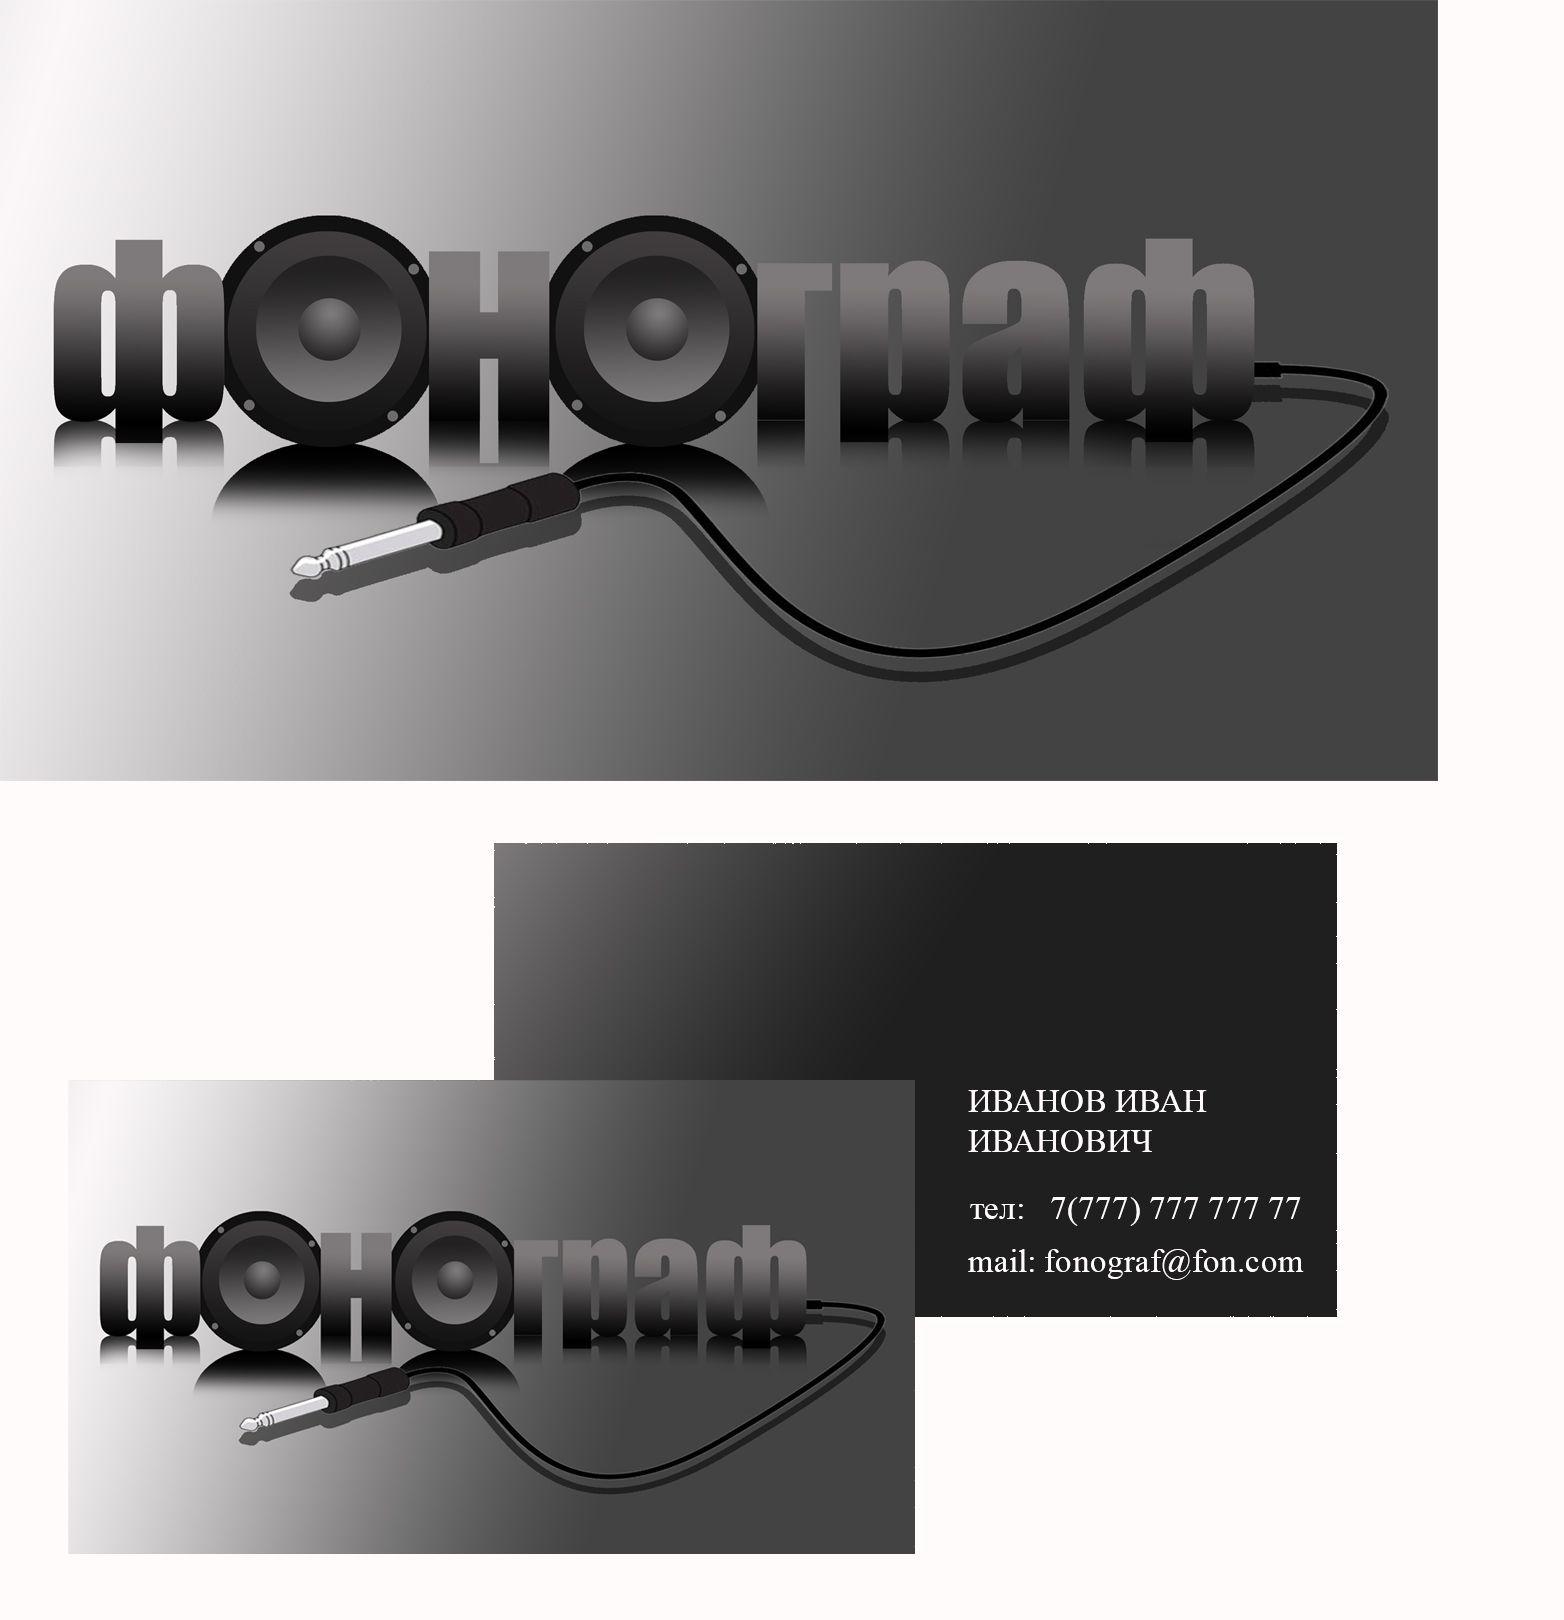 Лого и ФС для магазина аудиотехники - дизайнер Velo16